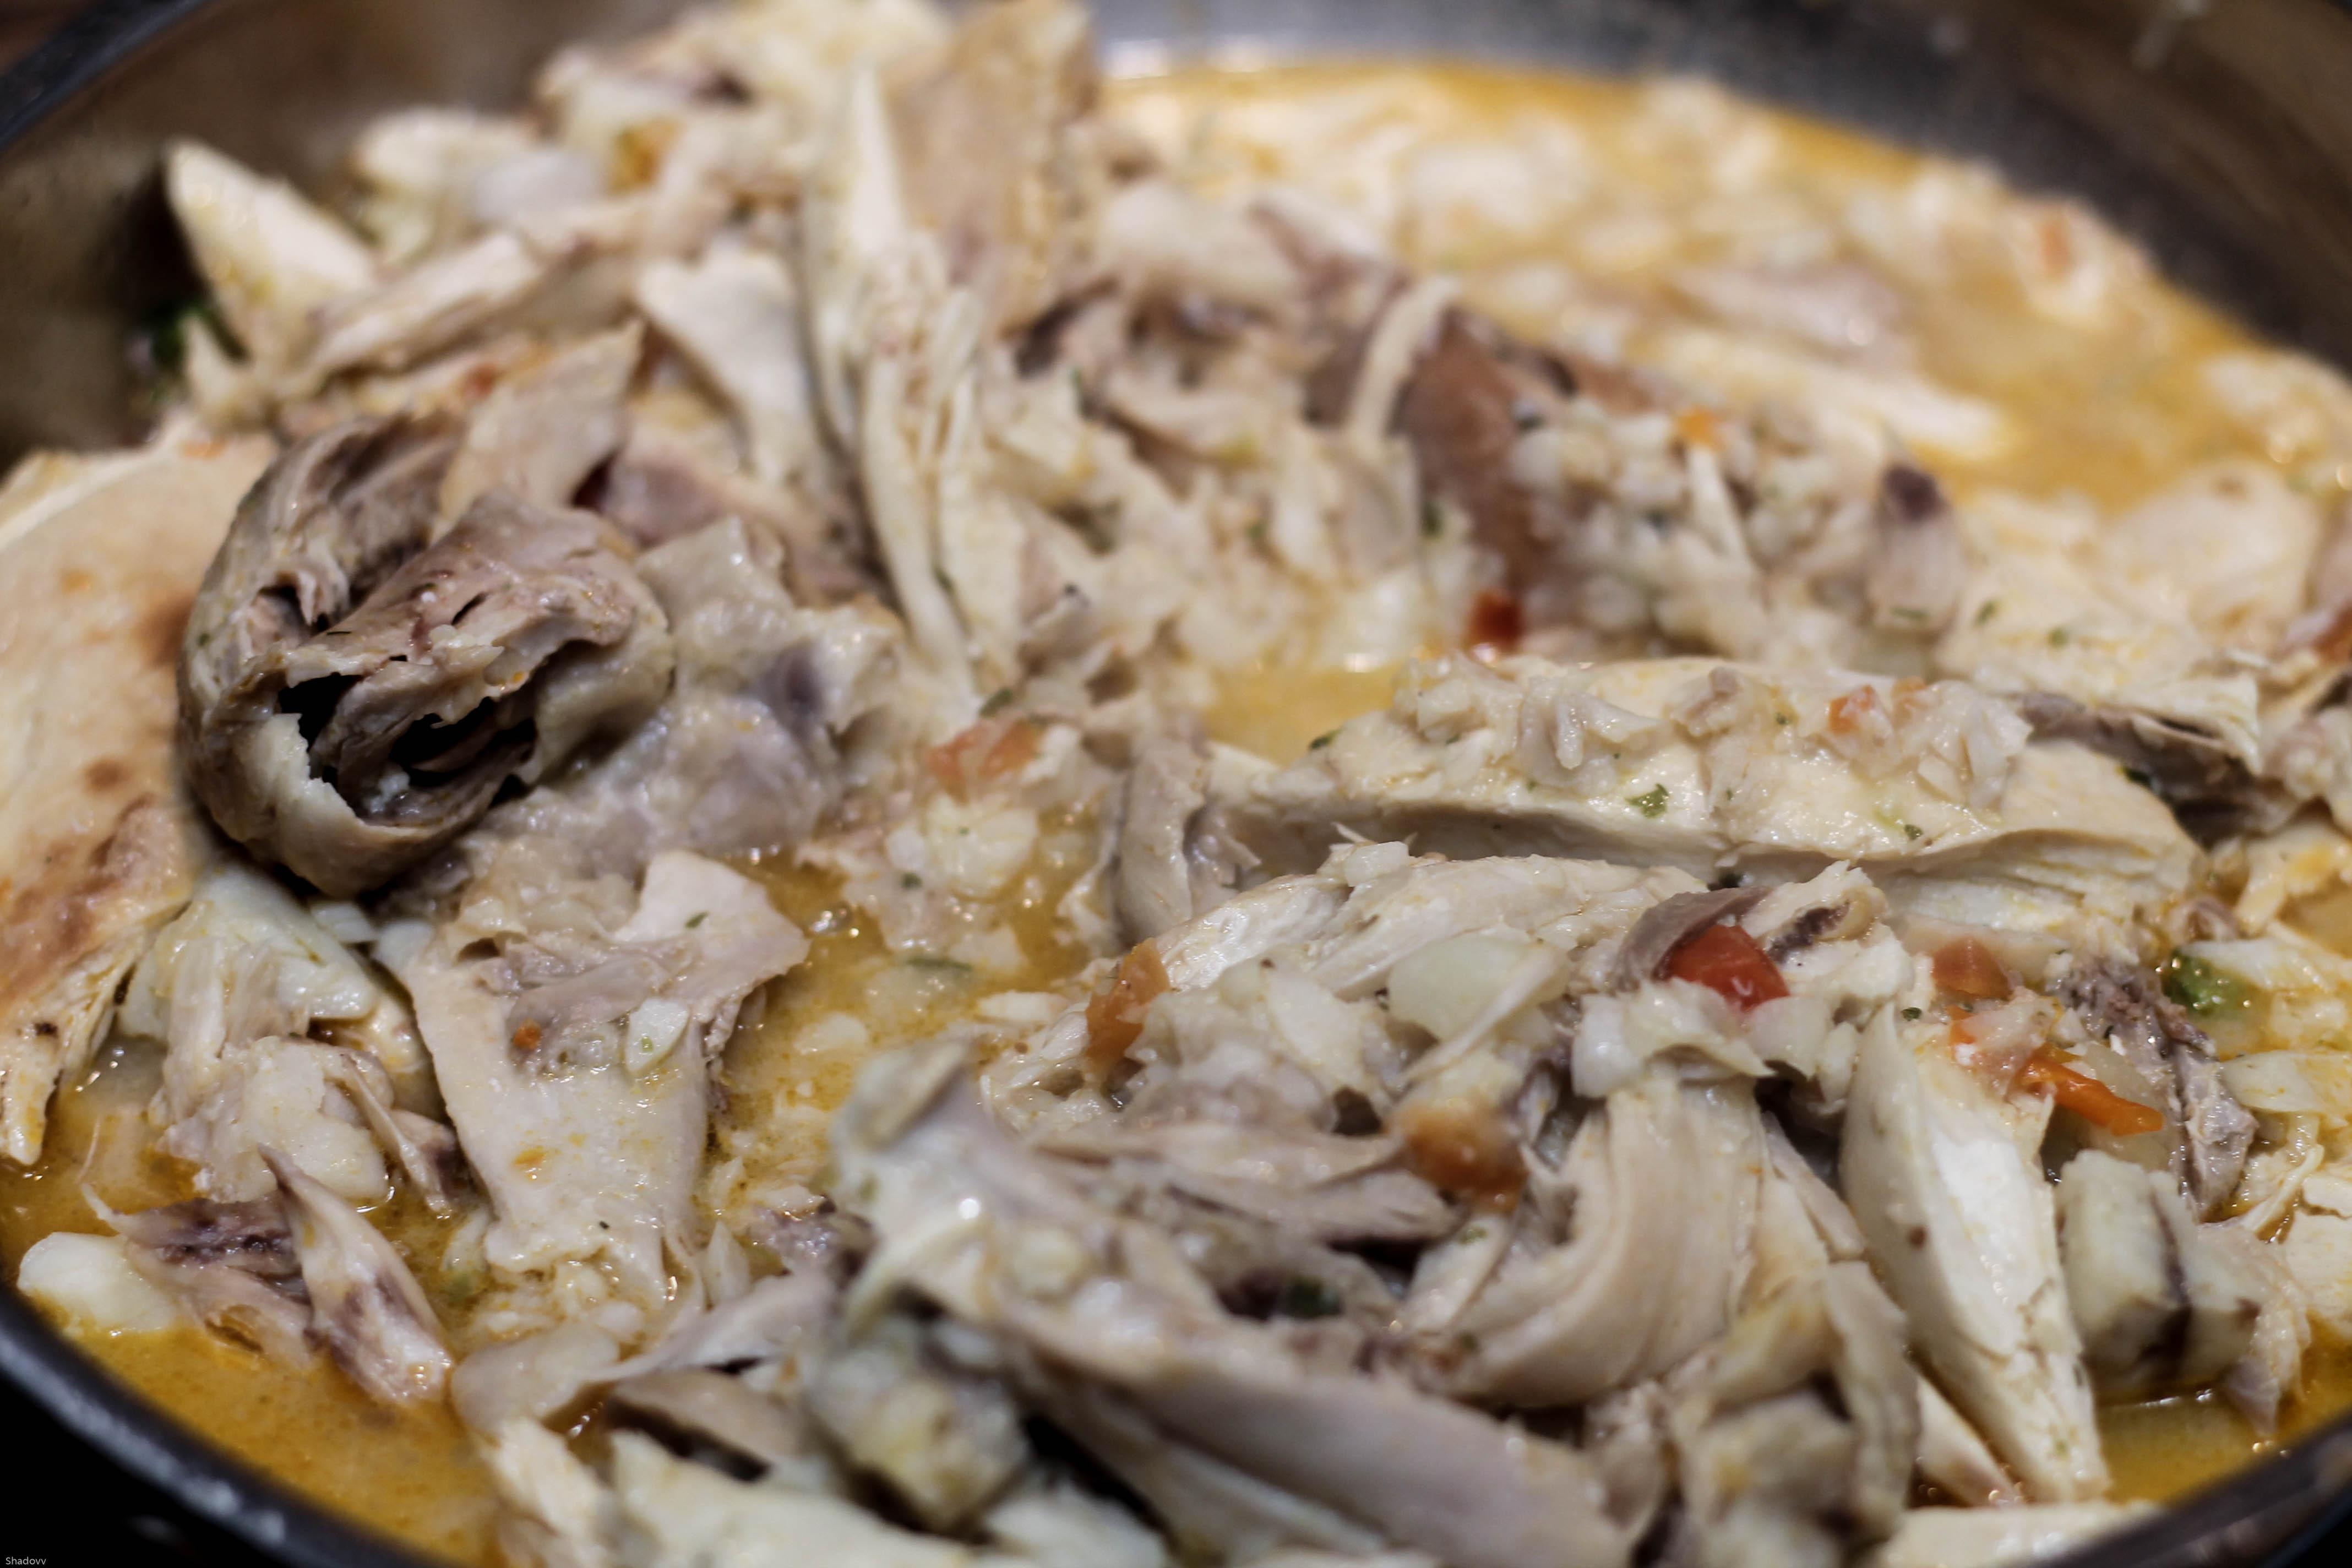 food friday kardiaserena #7Geschmackswelten huhn chicken paella.jpg